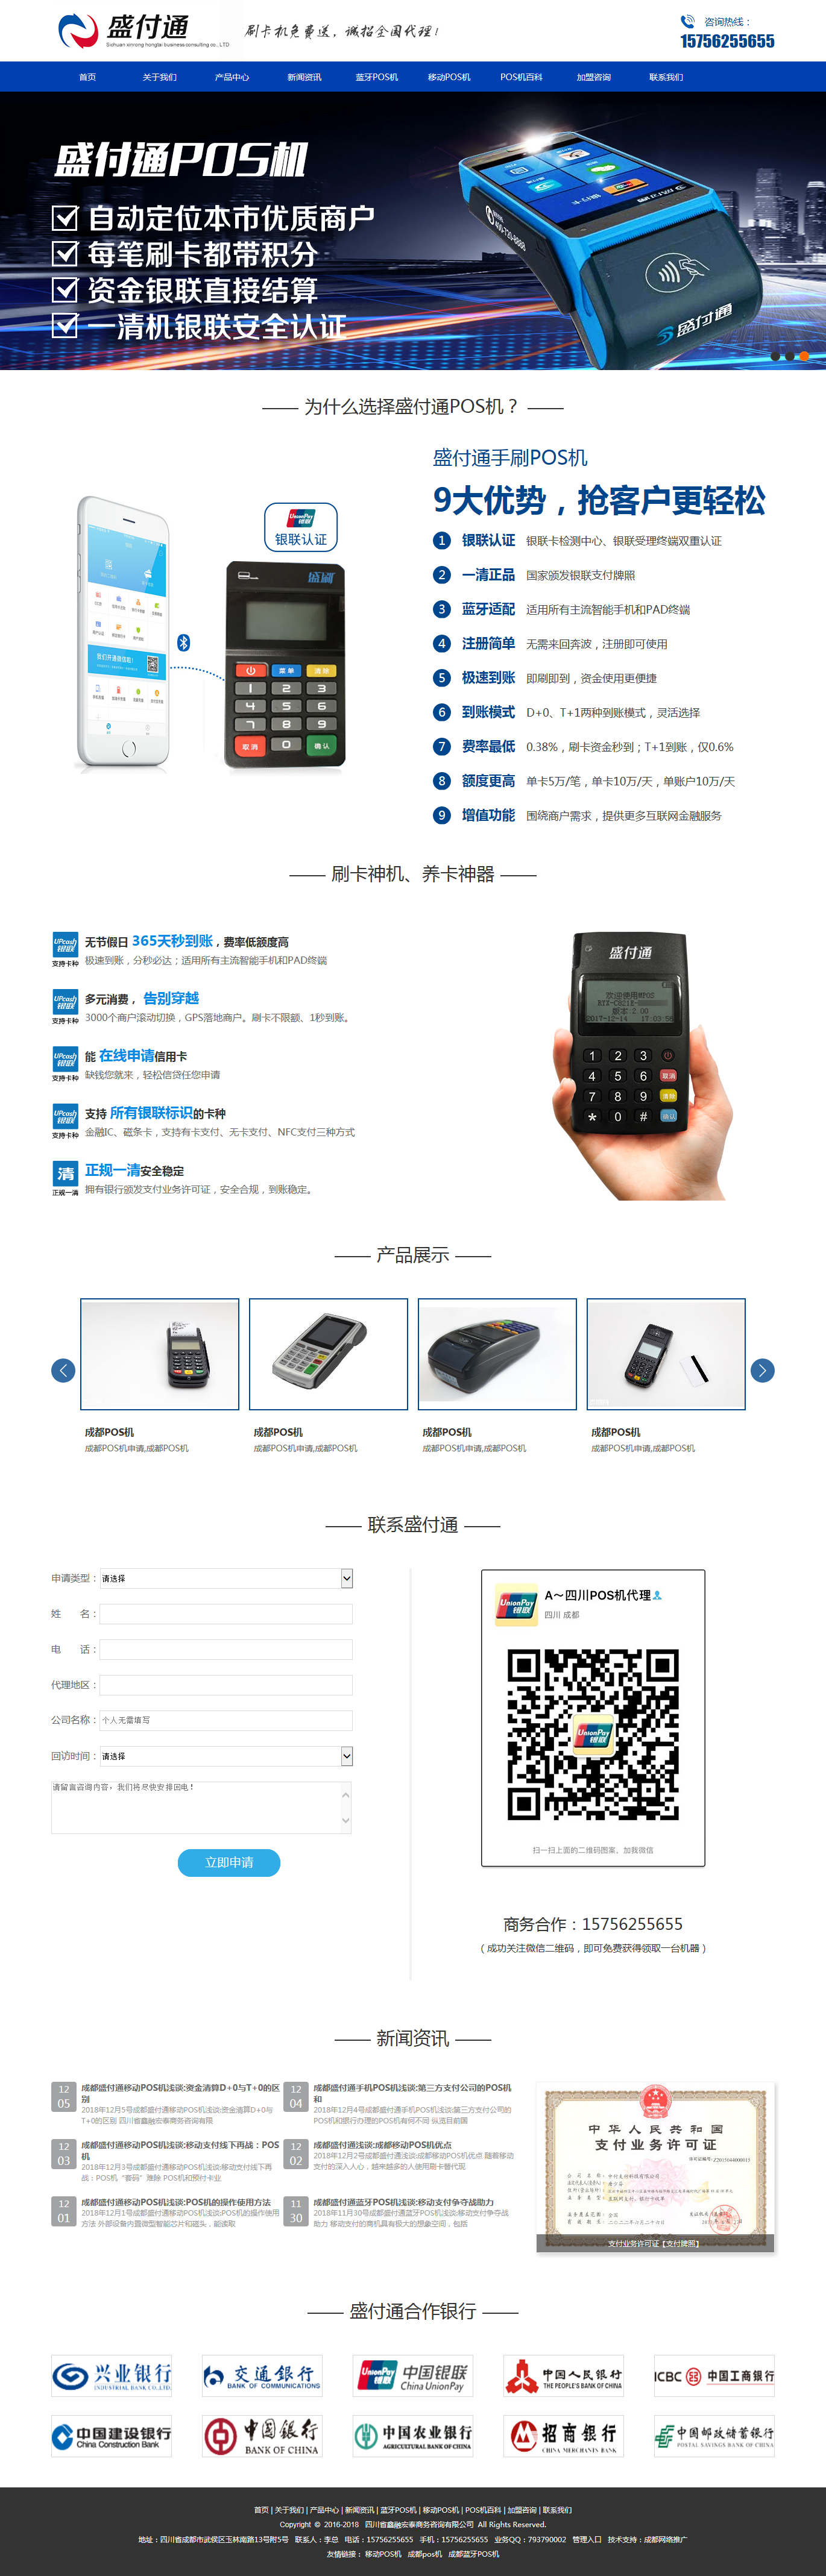 成都刷卡POS机_移动POS机办理_无线POS机办理-成都盛付手机POS机代理